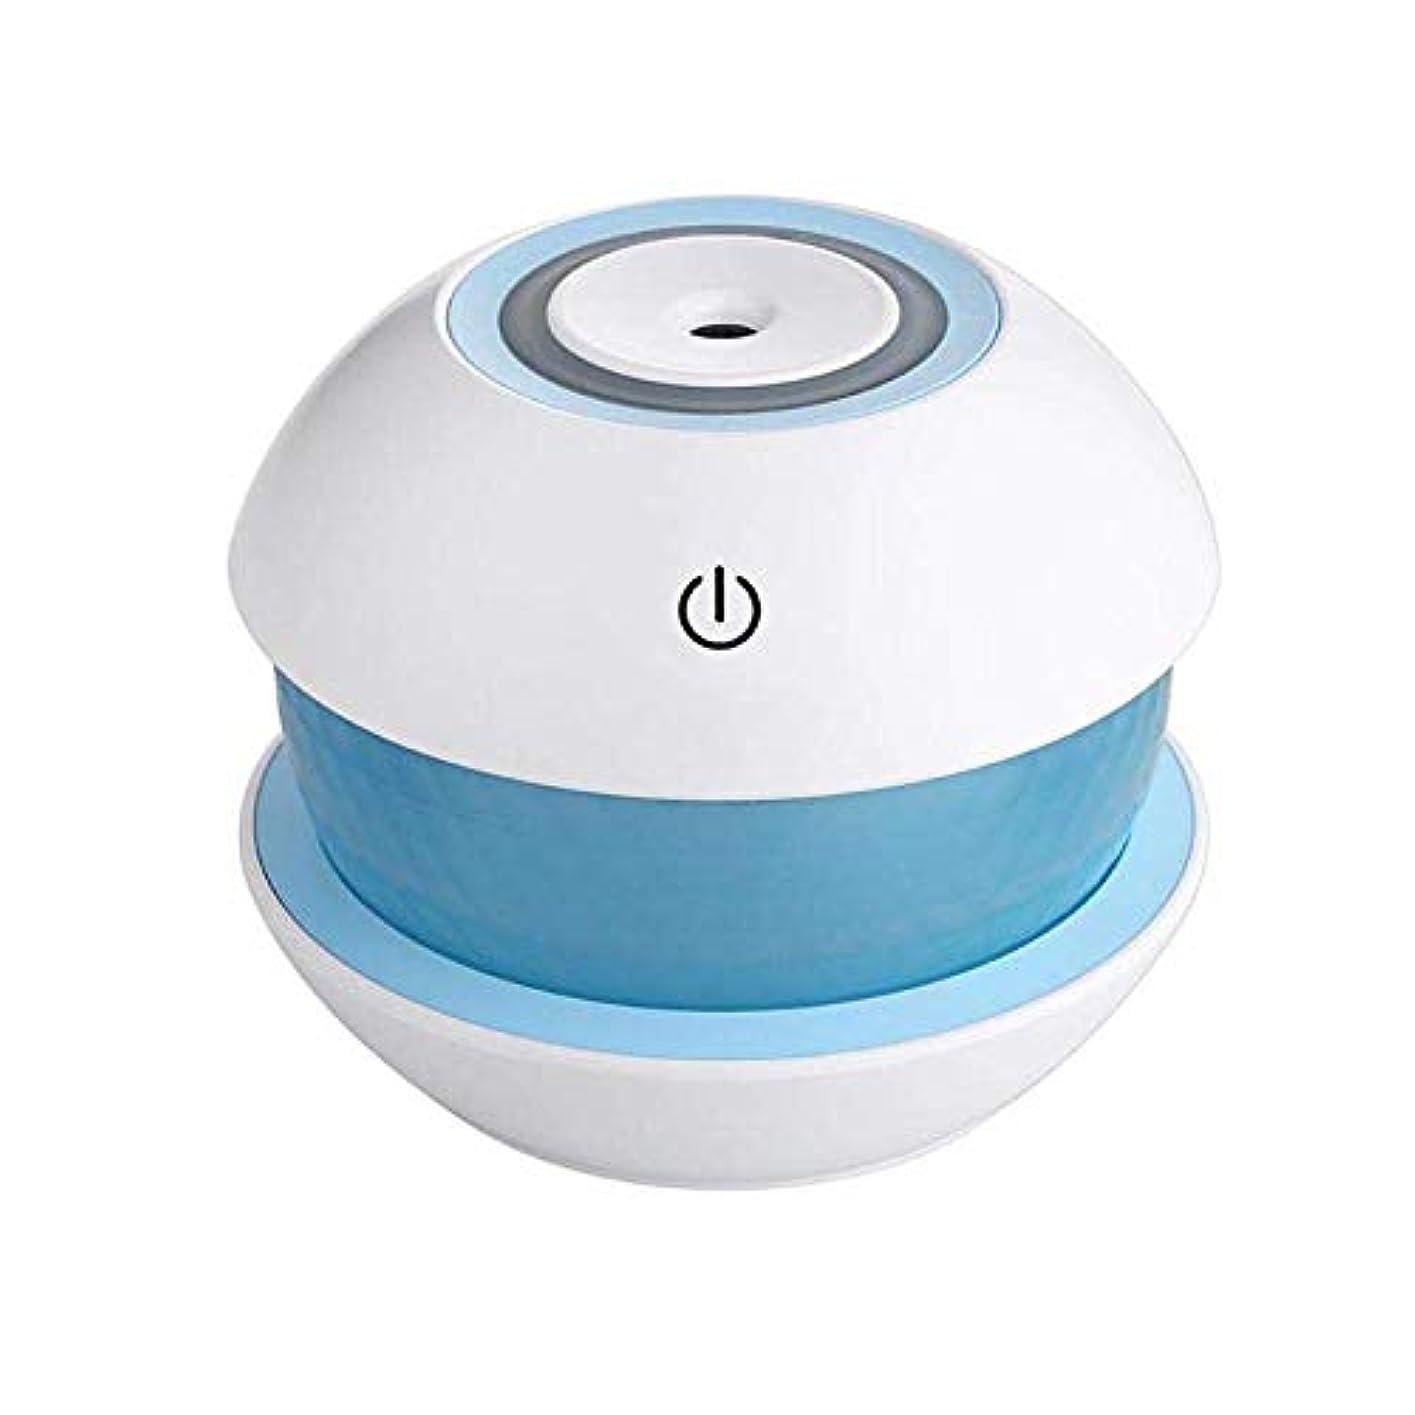 救出小間インセンティブSOTCE アロマディフューザー加湿器超音波霧化技術エッセンシャルオイル快適な雰囲気満足のいく解決策 (Color : Blue)